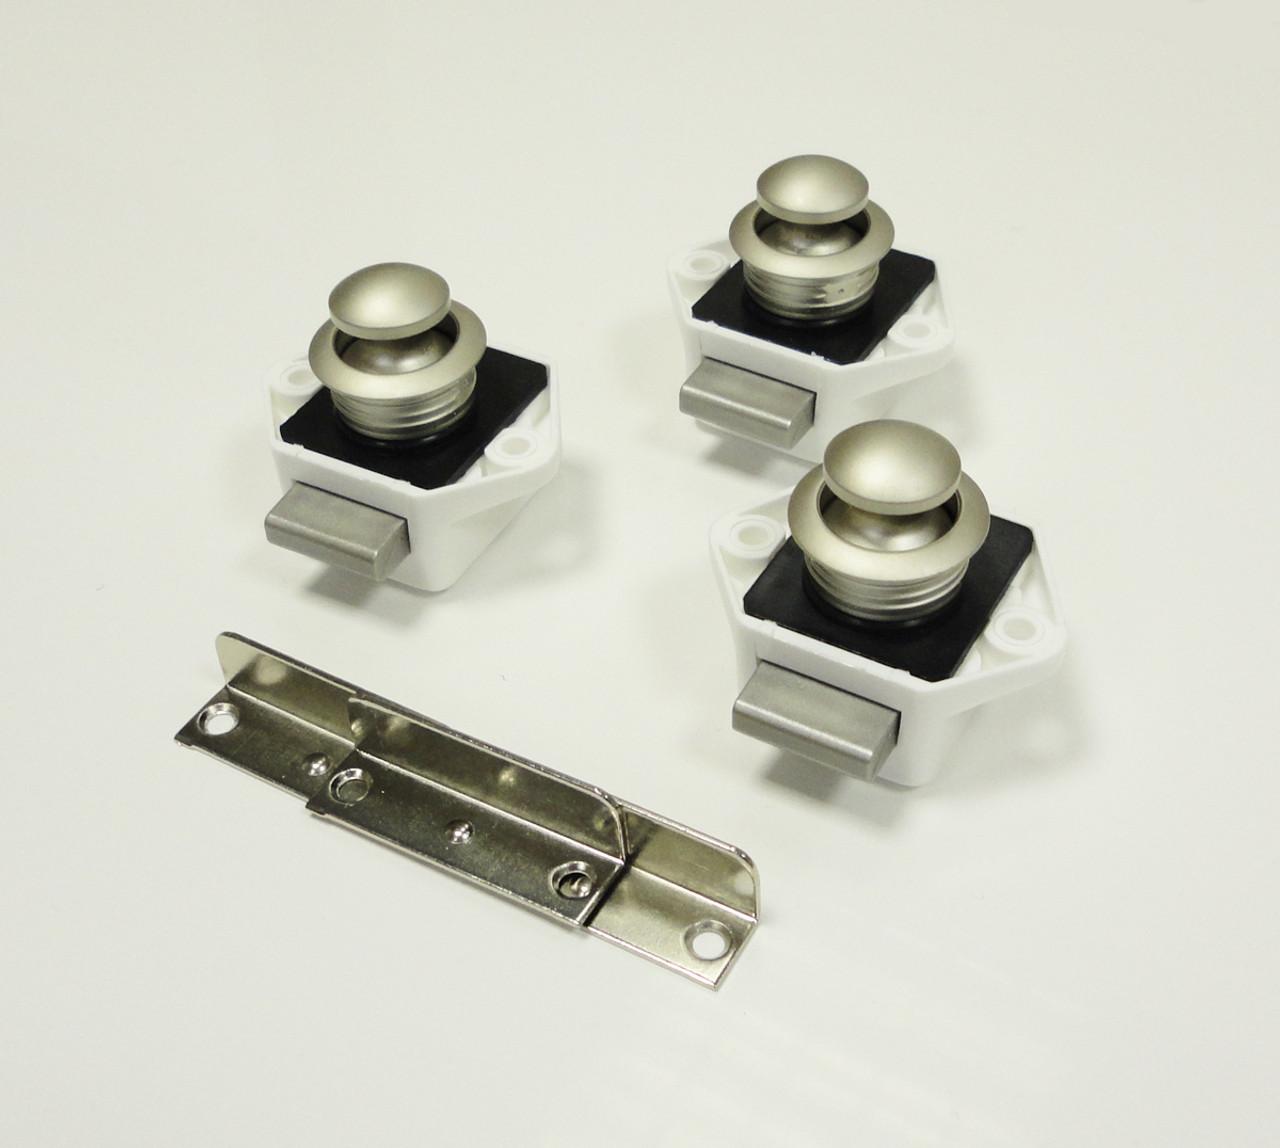 caravan door mini handles - Nickel & white backset